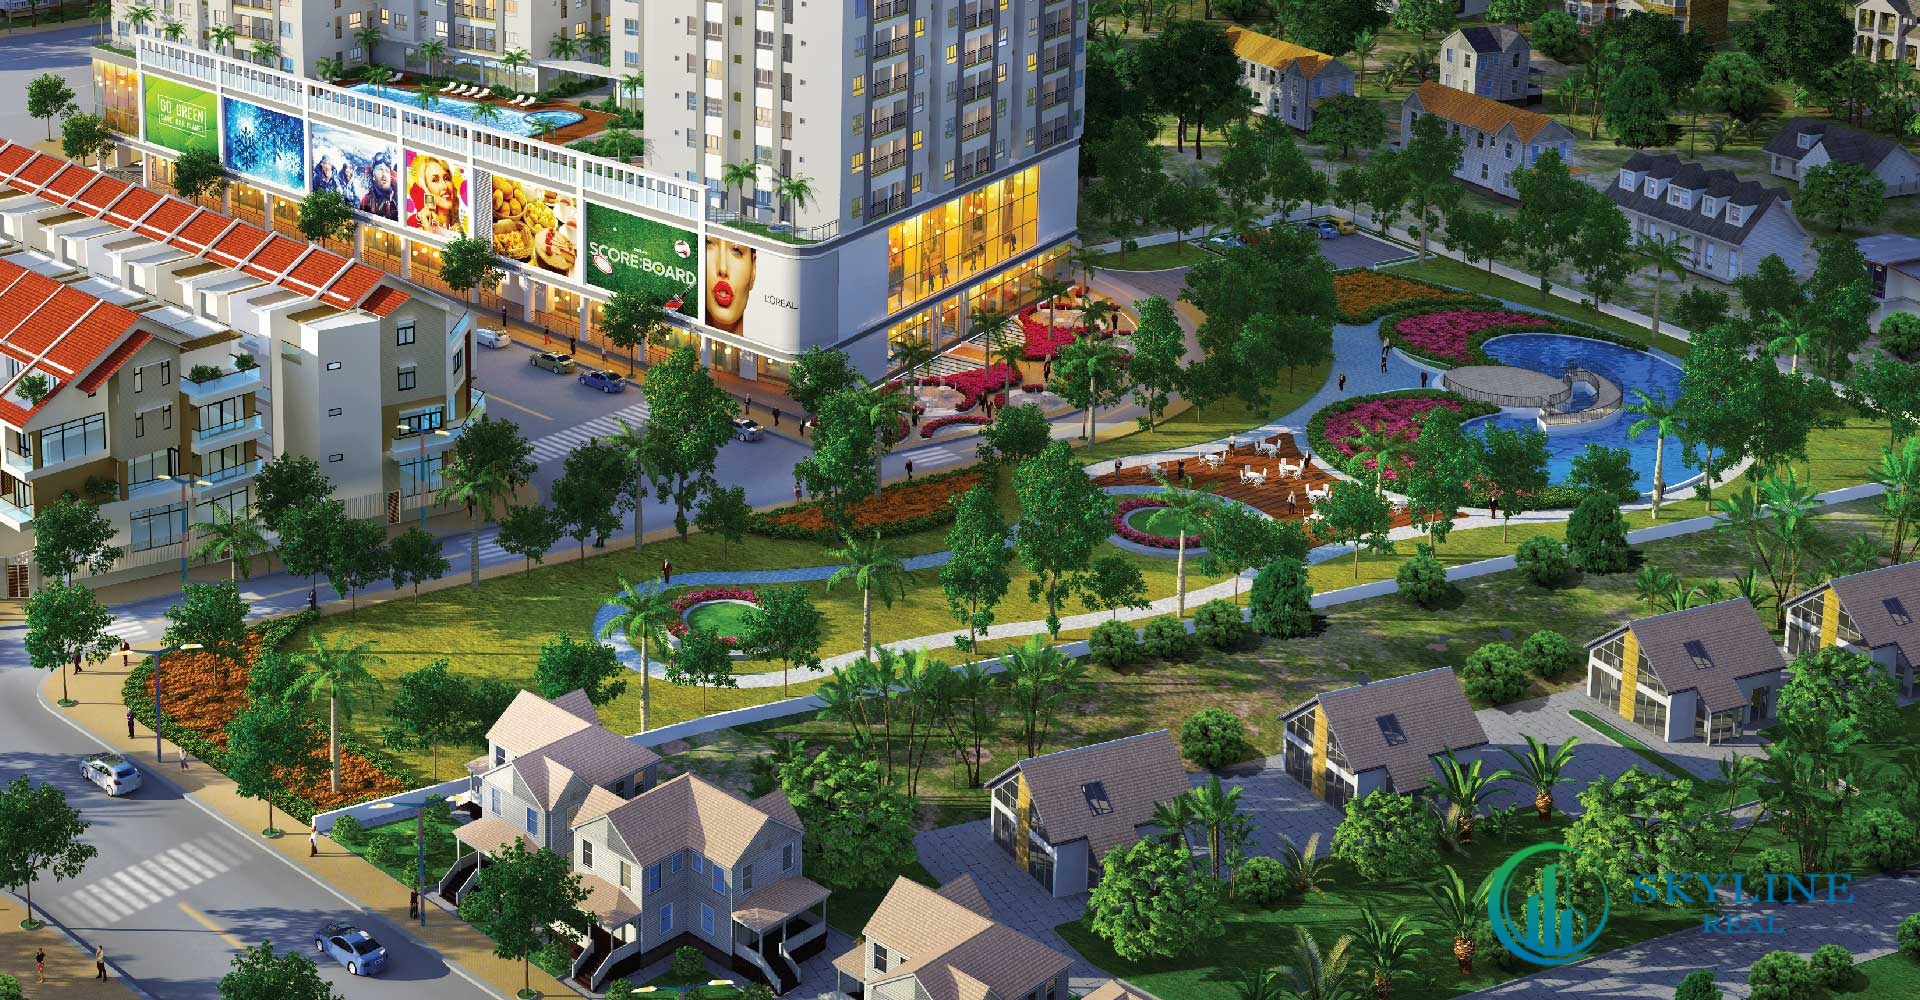 Những căn hộ có mảng xanh luôn là ưu tiên hàng đầu của đa số khách hàng tìm nơi an cư